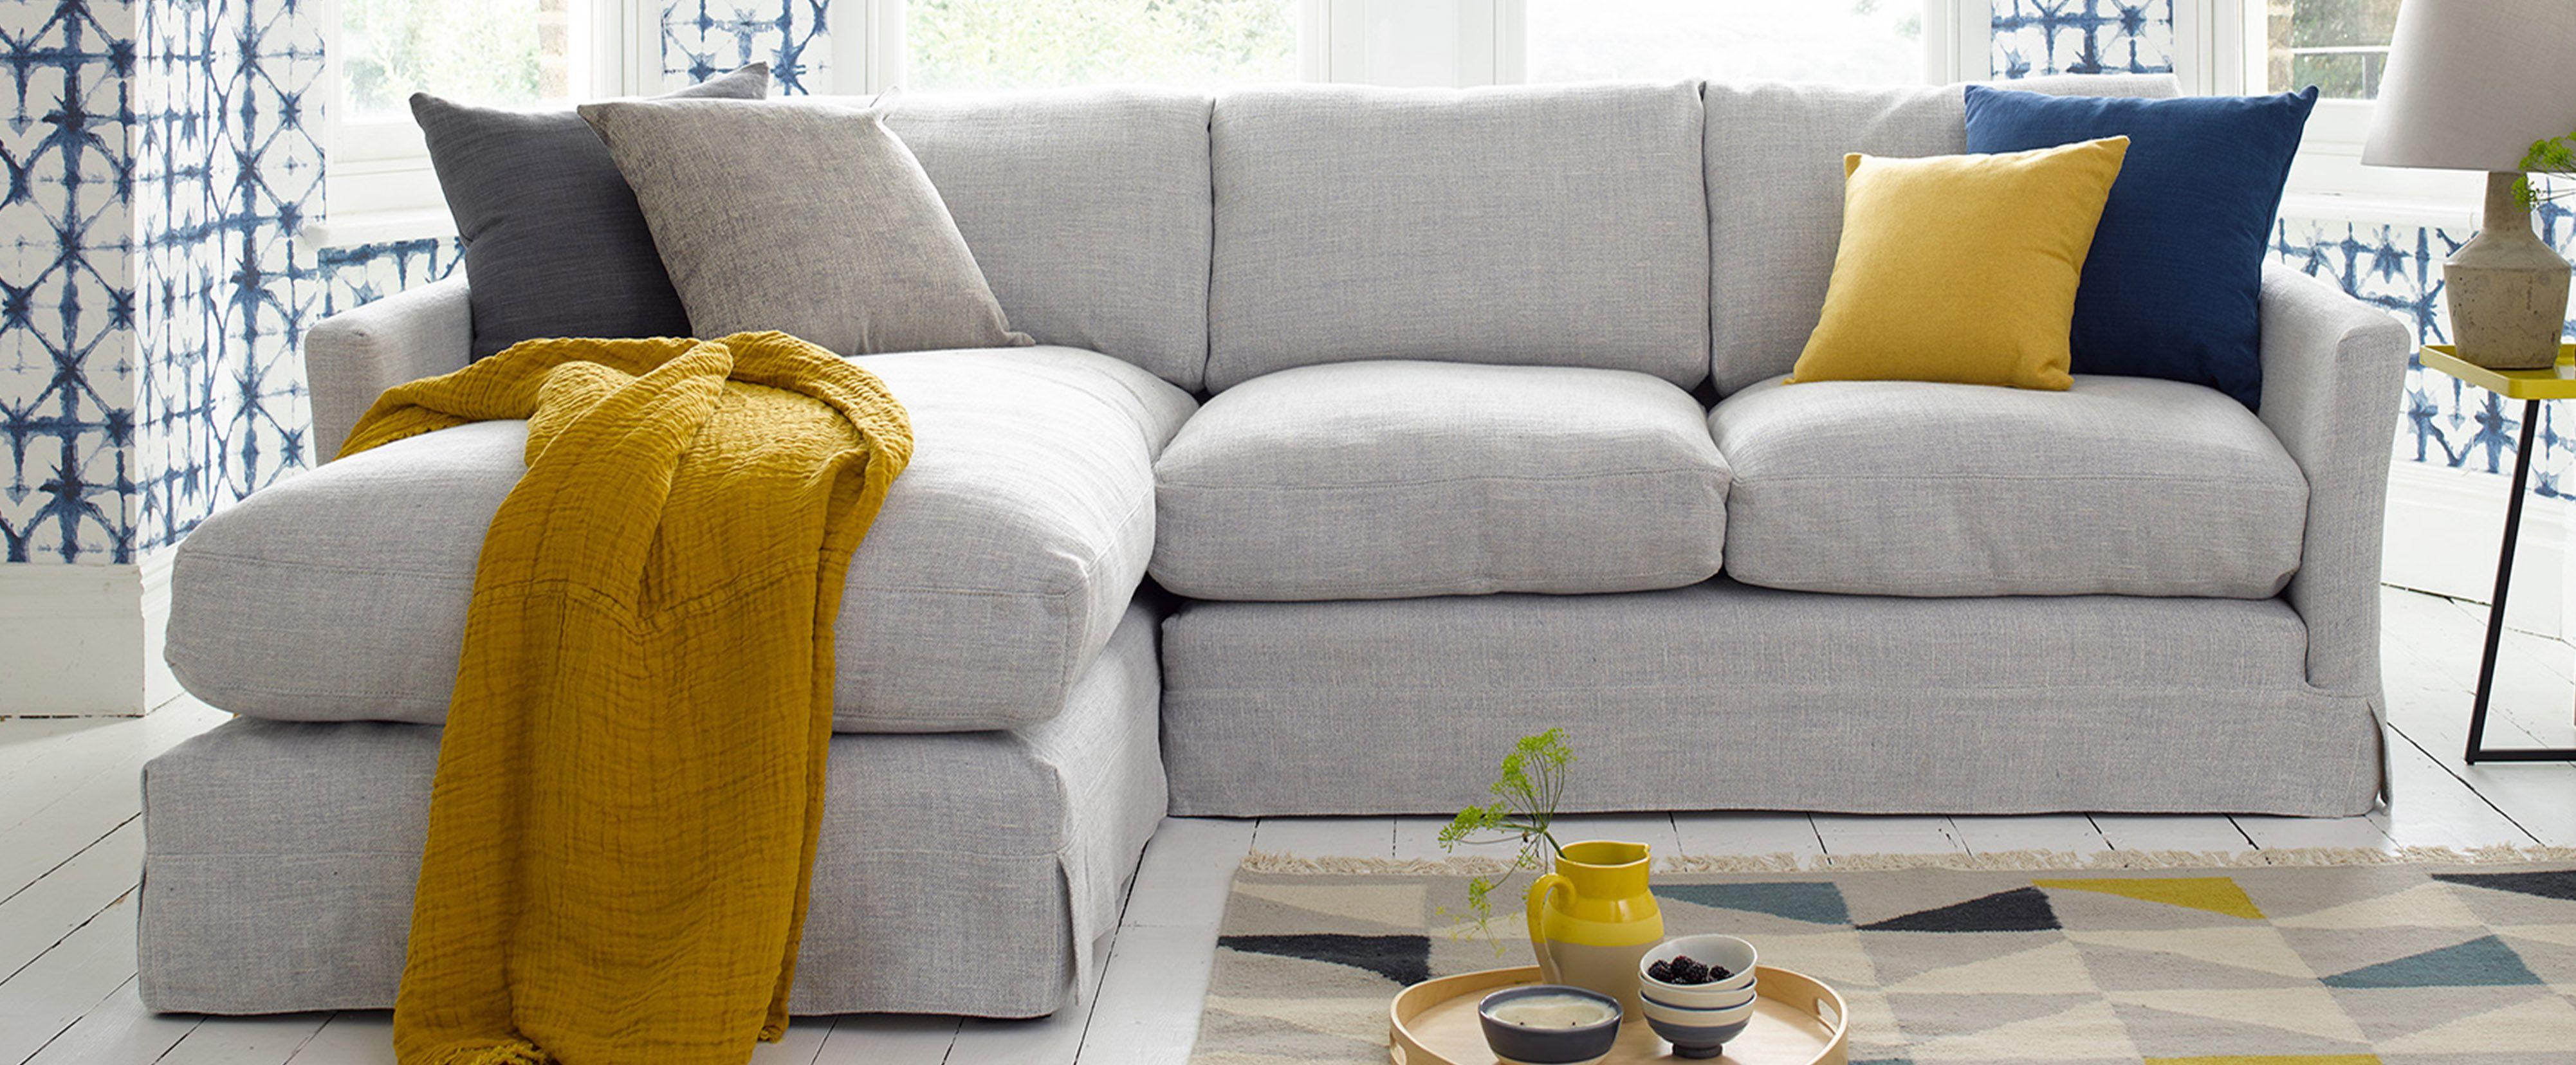 chaise-sofas.jpg